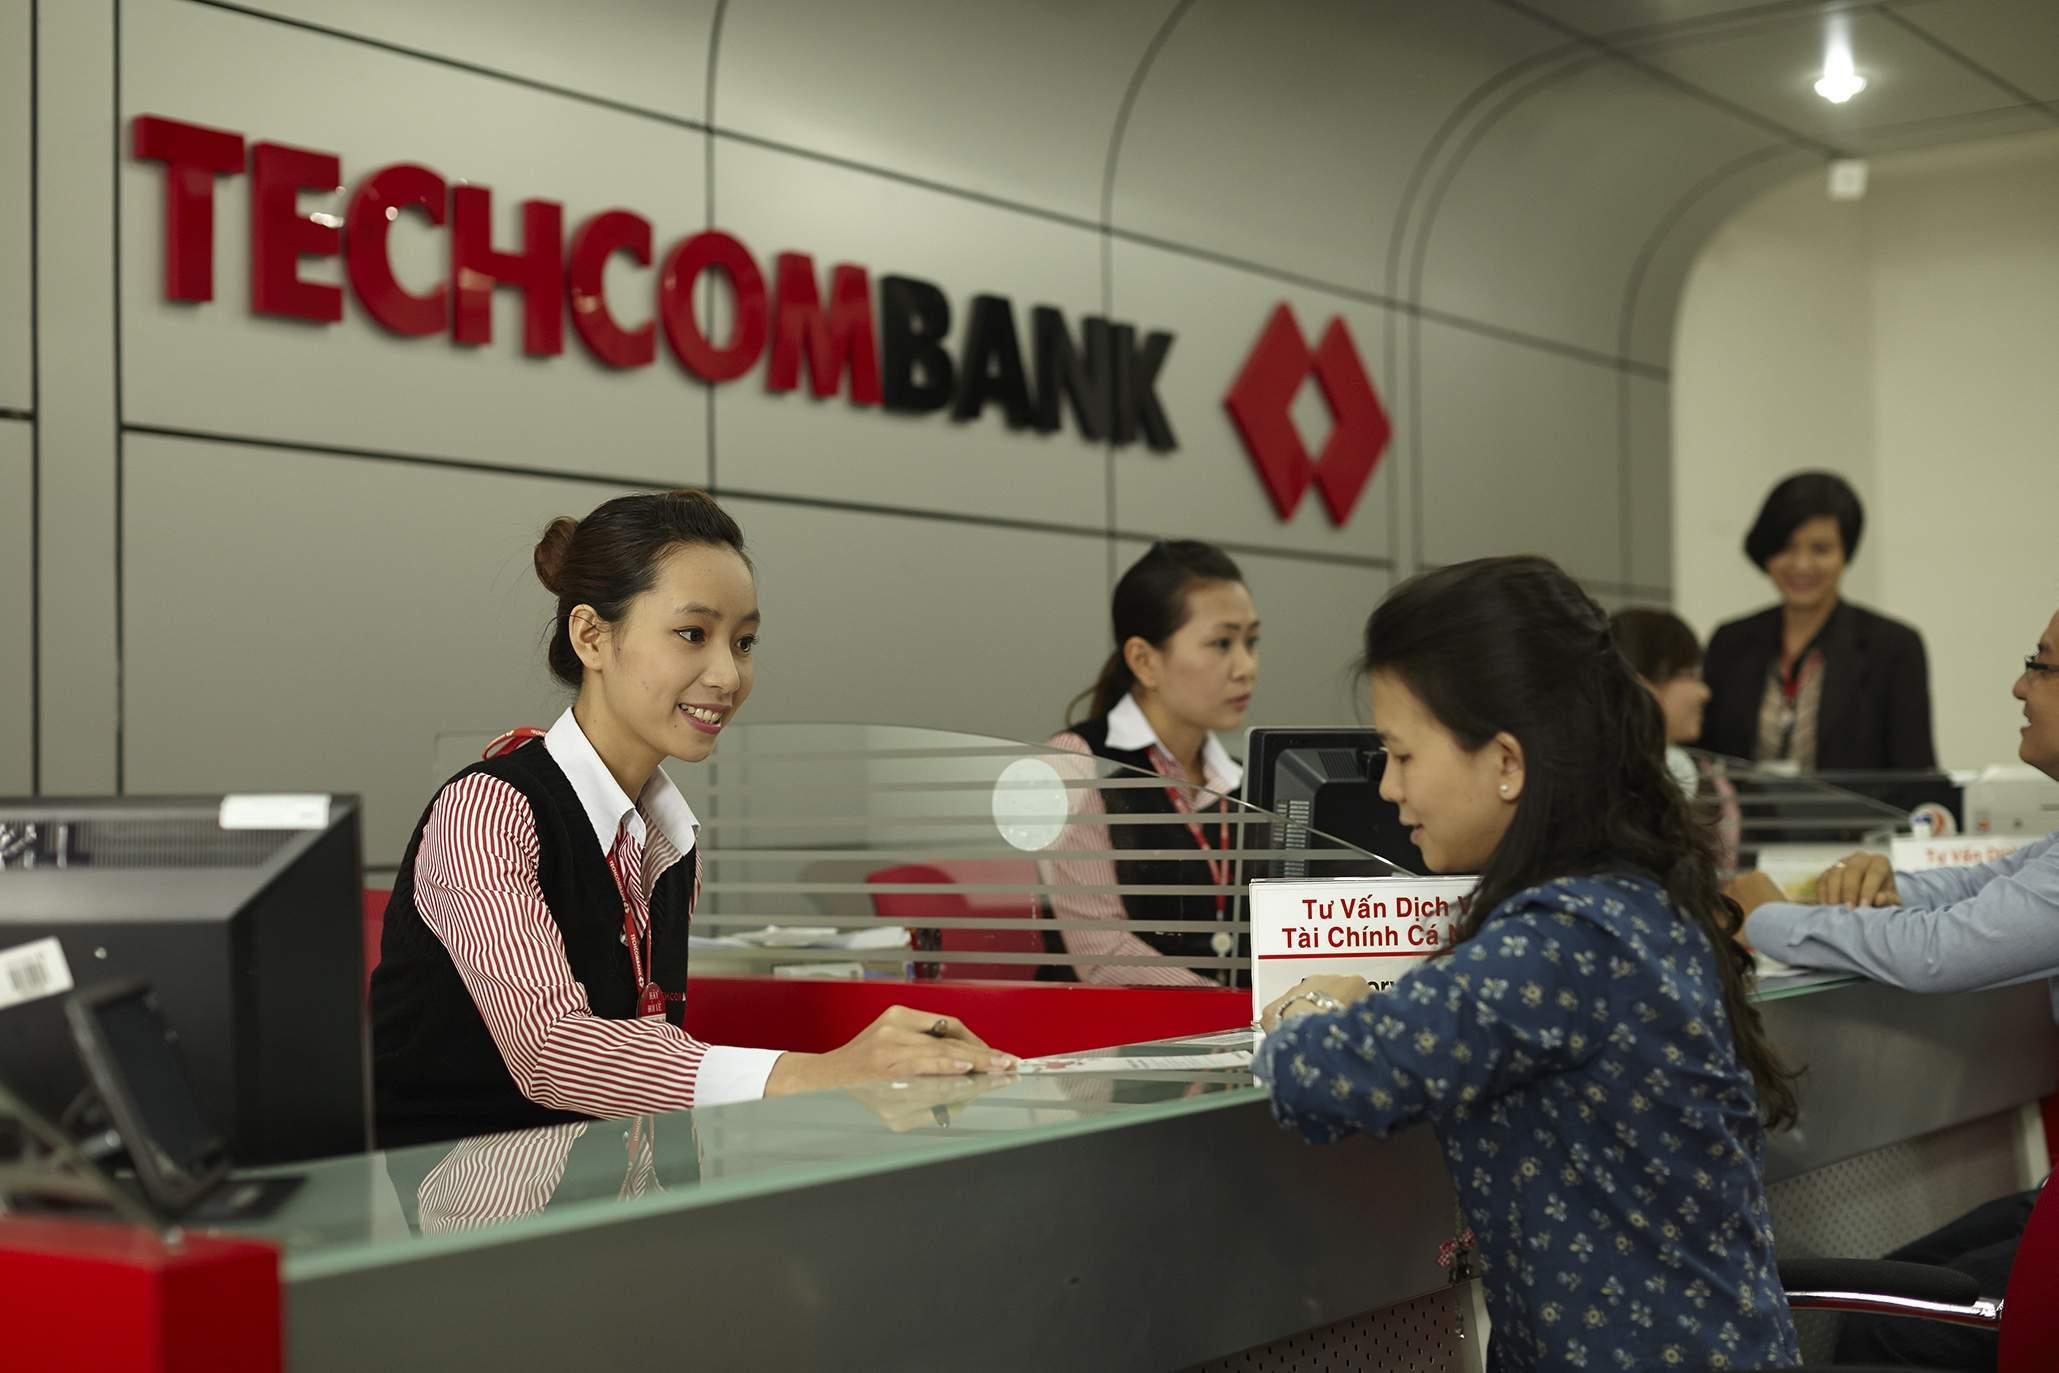 làm thẻ visa techcombank online